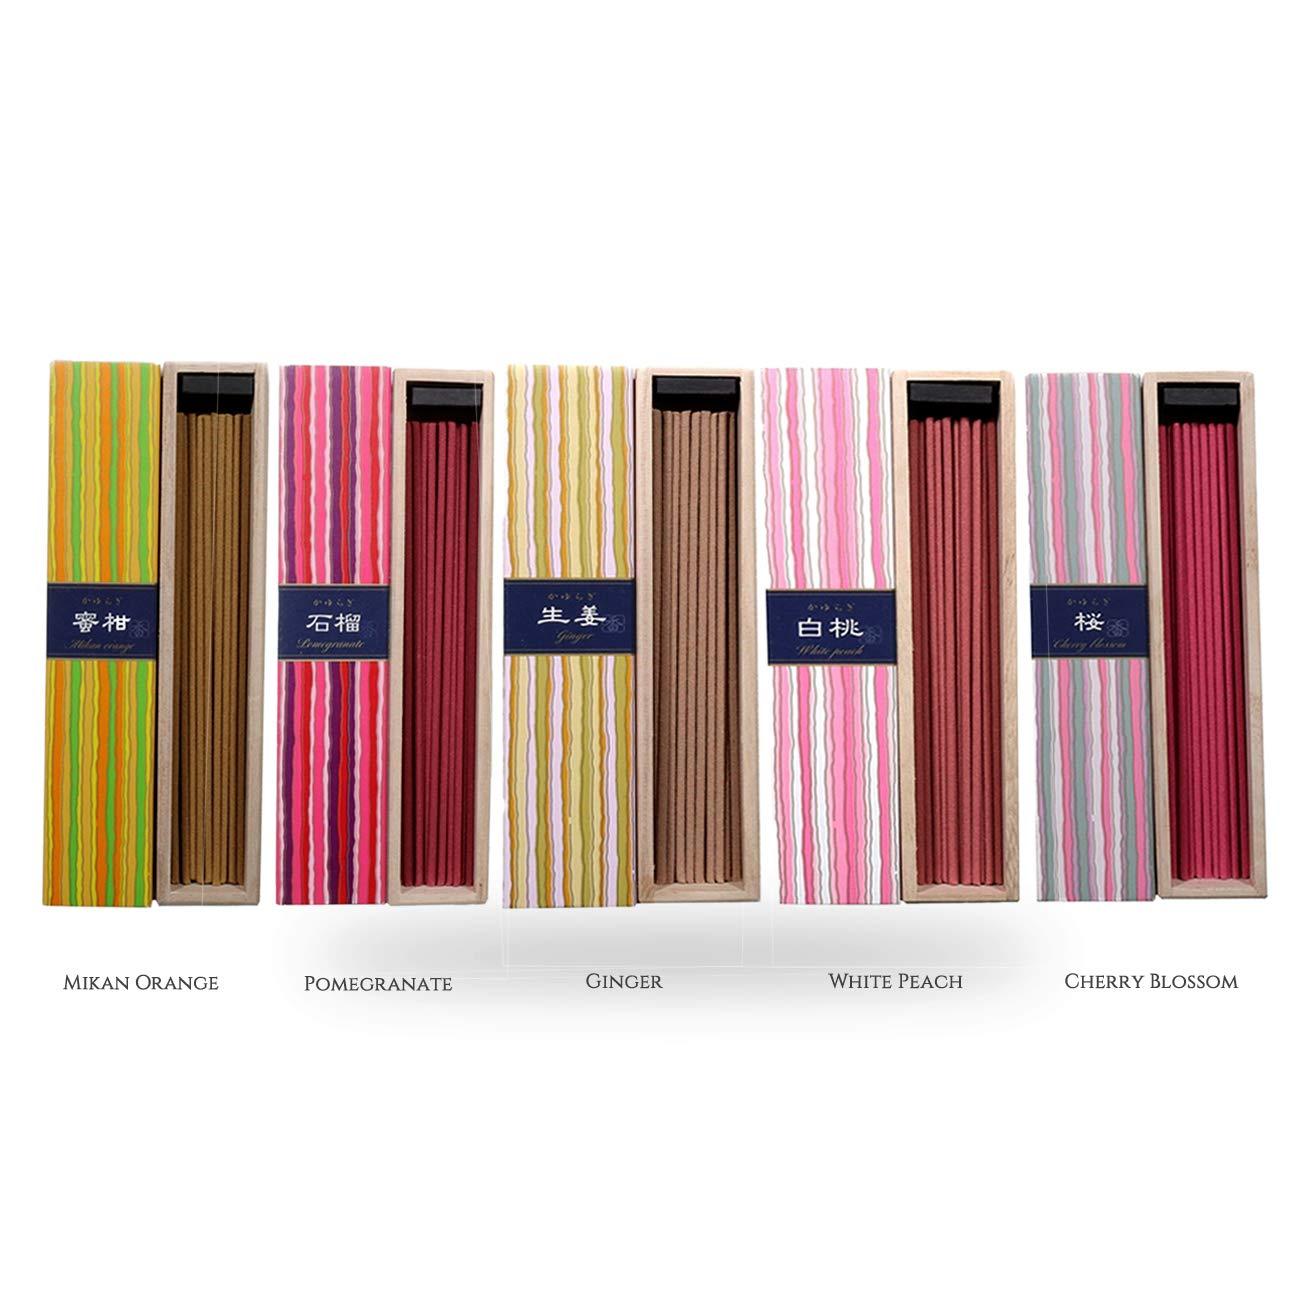 驚きの安さ iTakara 日本香コレクション | 日本の庭 日本の庭 40x5 B07L4PD9VS | リラックス |、瞑想、祈り、読書、ヨガ用フローラルとアロマの木の香り | クリーン燃焼、ピュアな香り B07L4PD9VS, 自然の美味しさお届け便:322d71b5 --- martinemoeykens.com